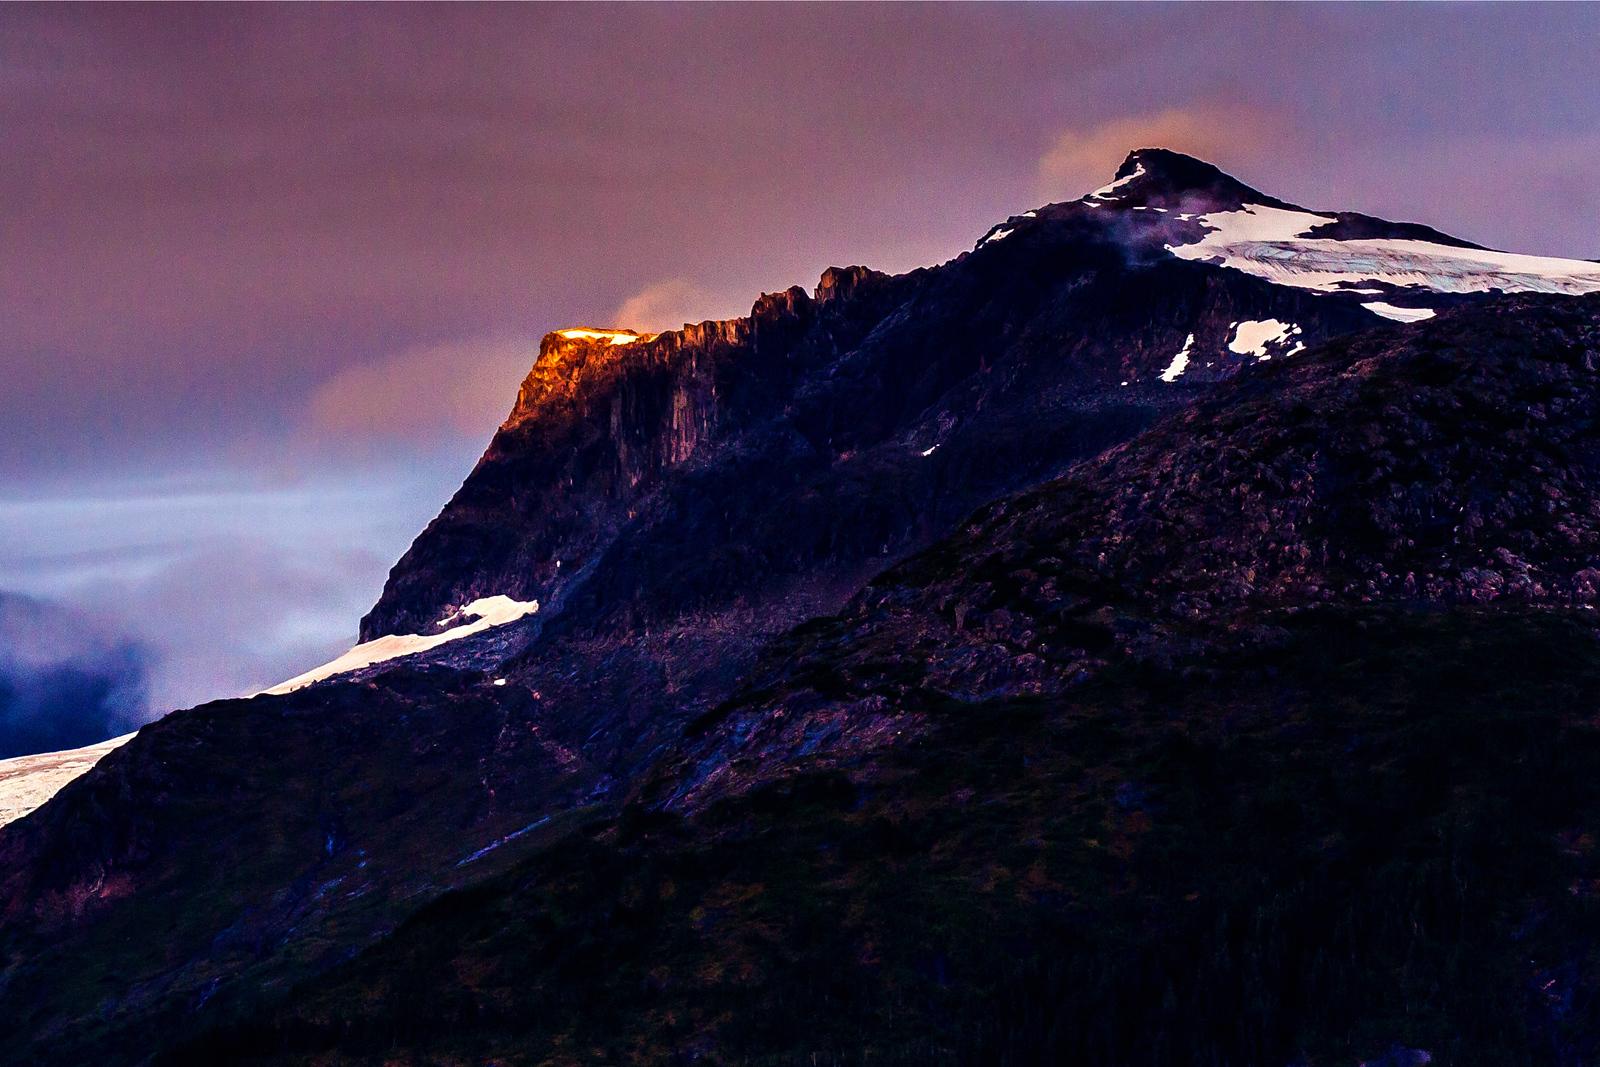 阿拉斯加,冰山上的奇景